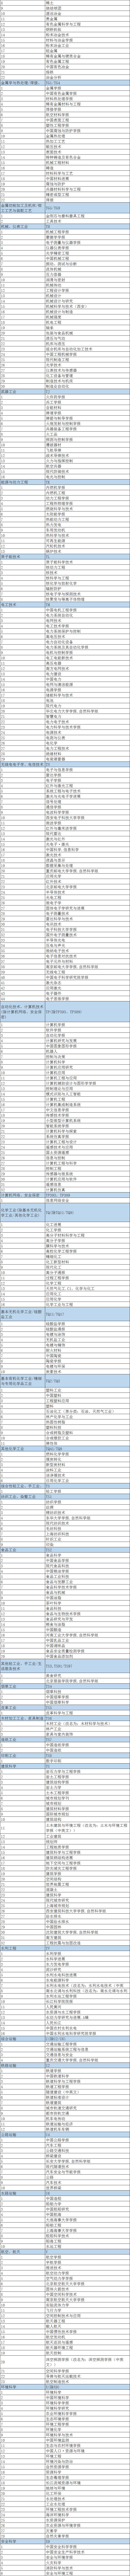 2020版中文核心期刊要目总览(完整版)